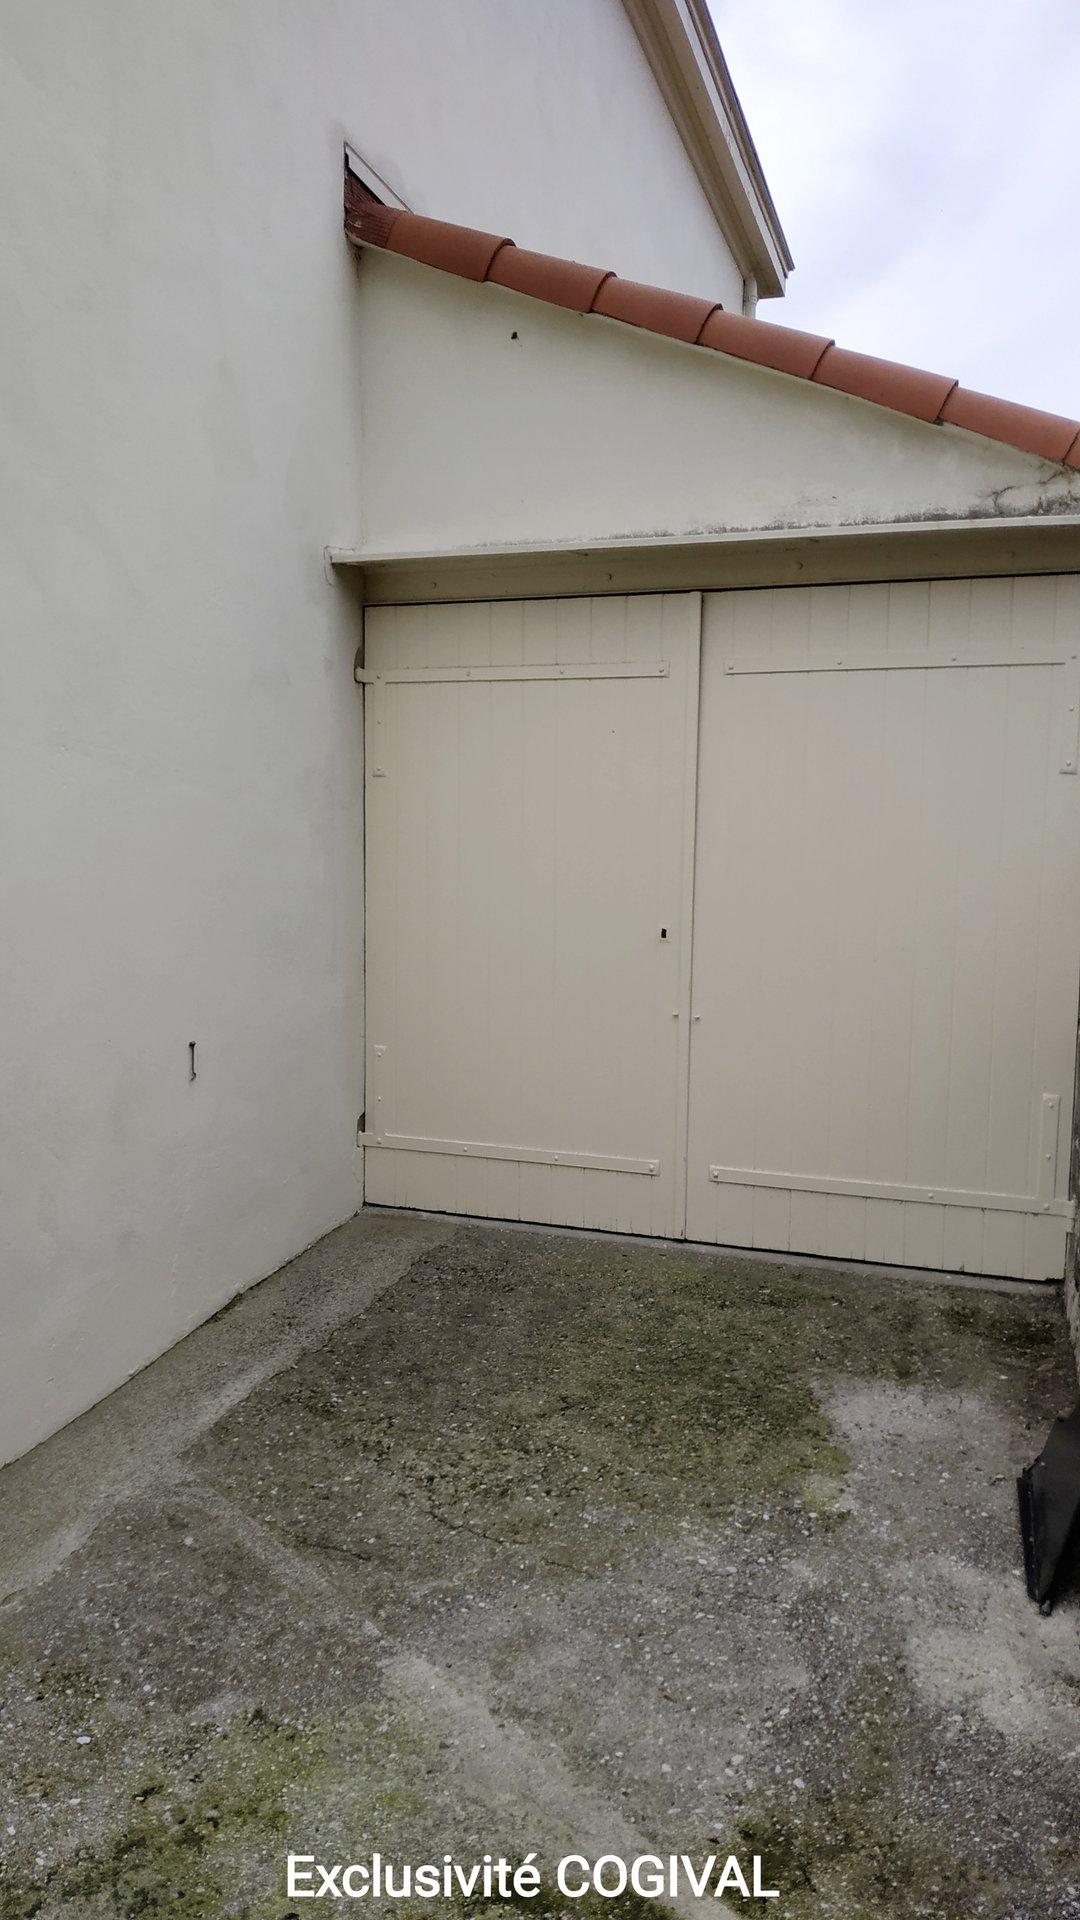 Produit rare ! Maison individuelle de type F3 de 60m² avec garage et jardin, aperçu mer